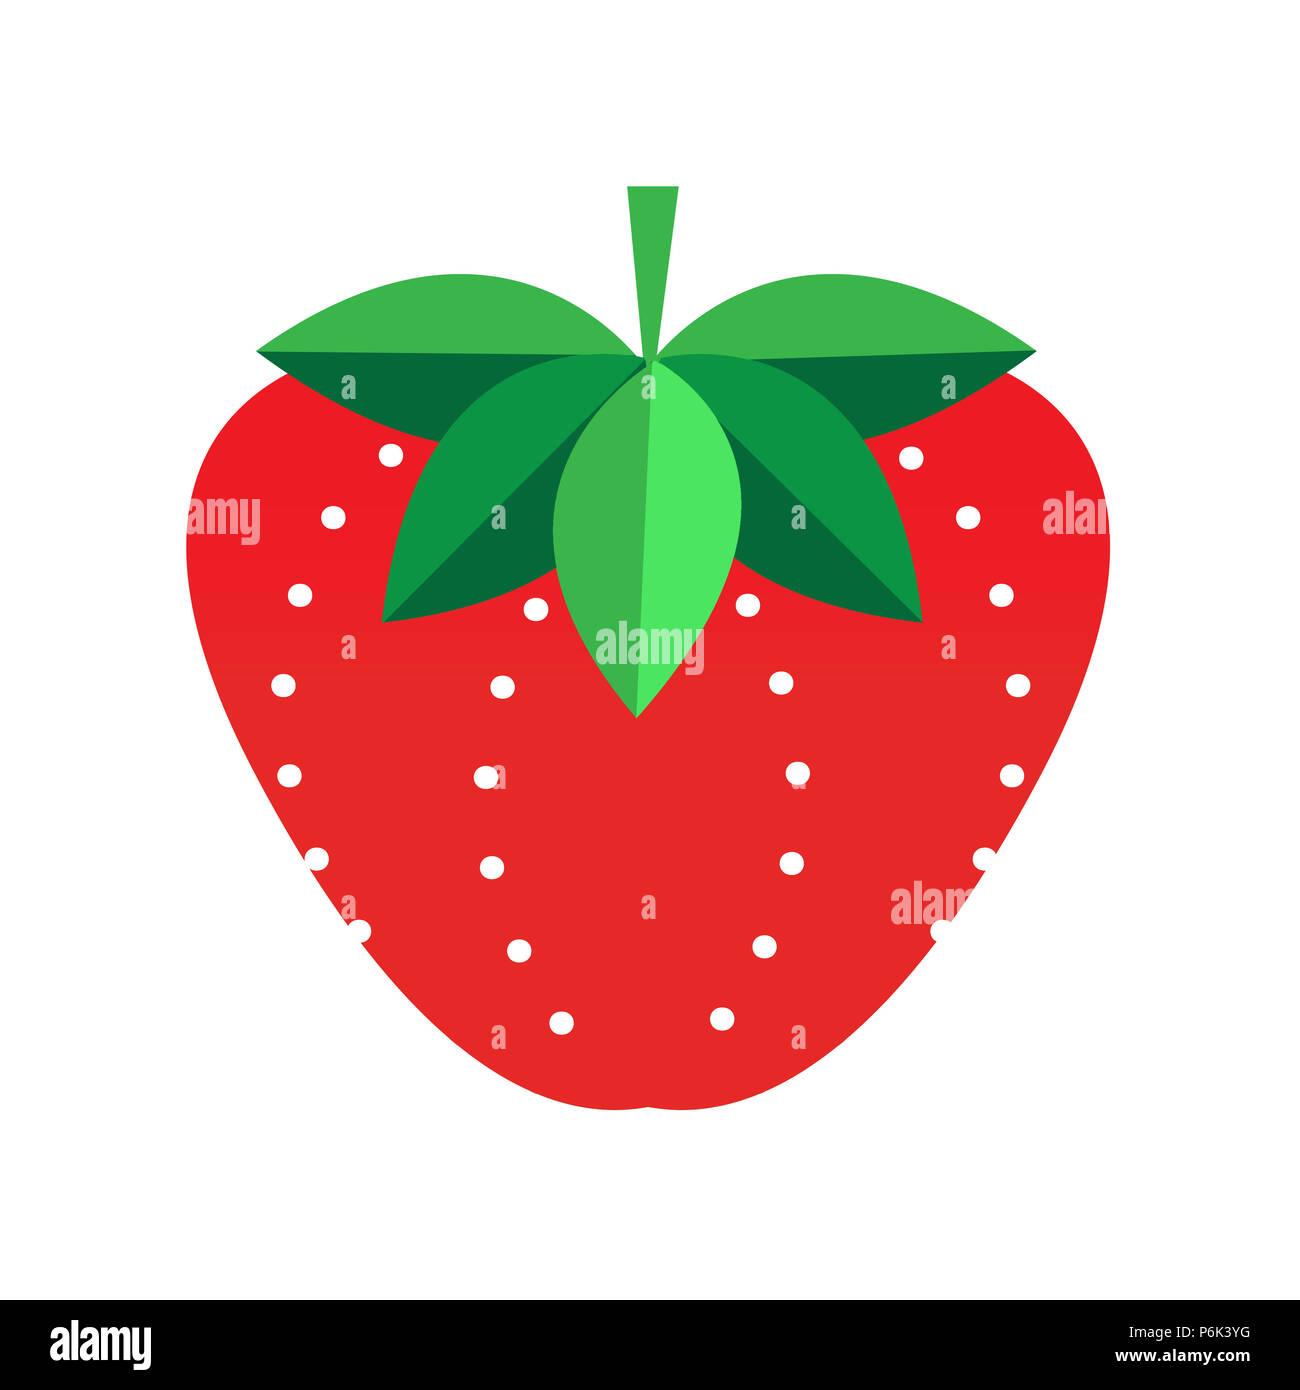 Ilustración de una fresa sobre un fondo blanco. Hojas estilizadas y patrones de semillas. Moderna, fresca, divertida. Imagen De Stock